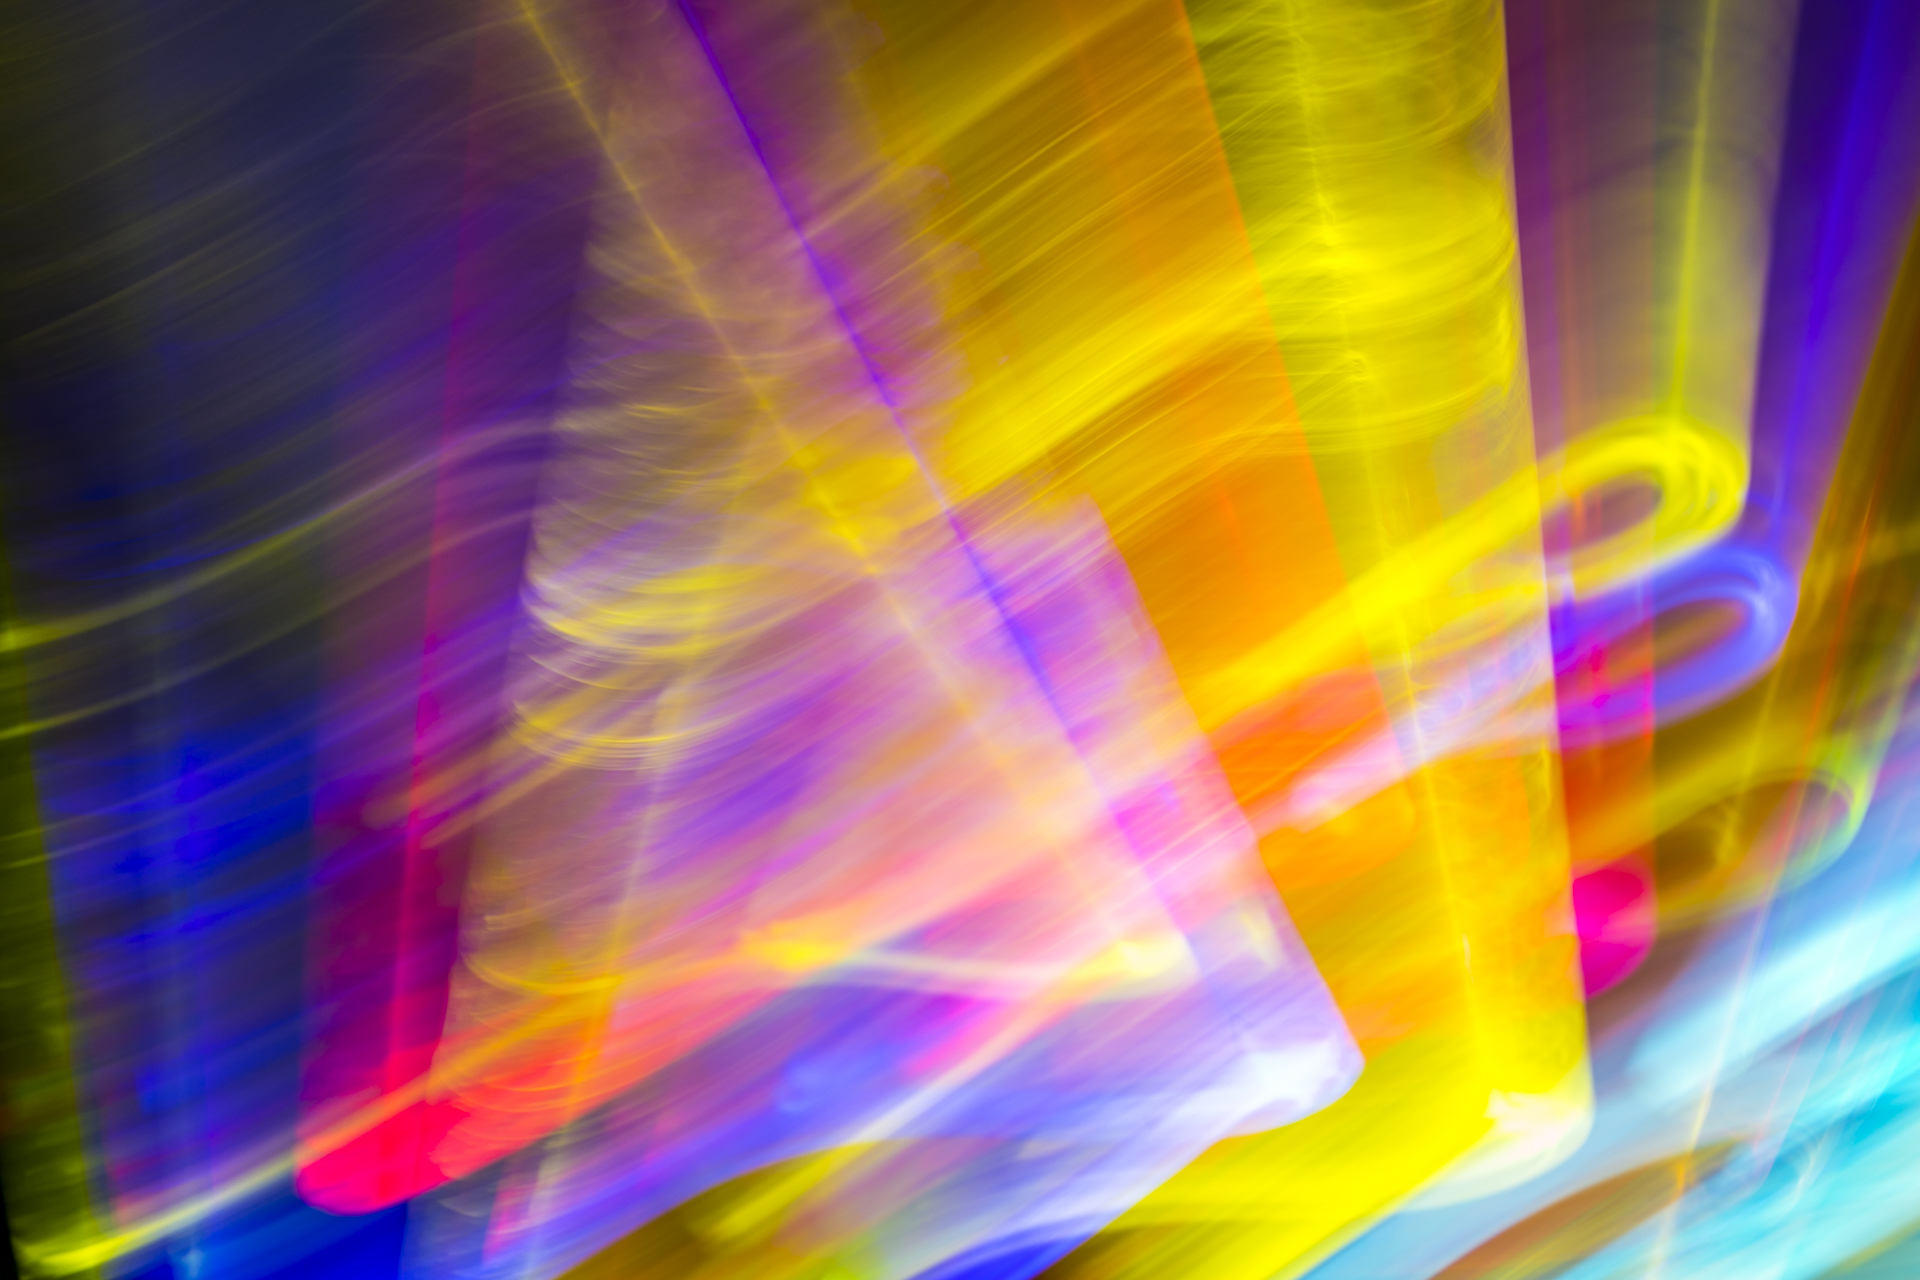 OC_Lights-002.jpg